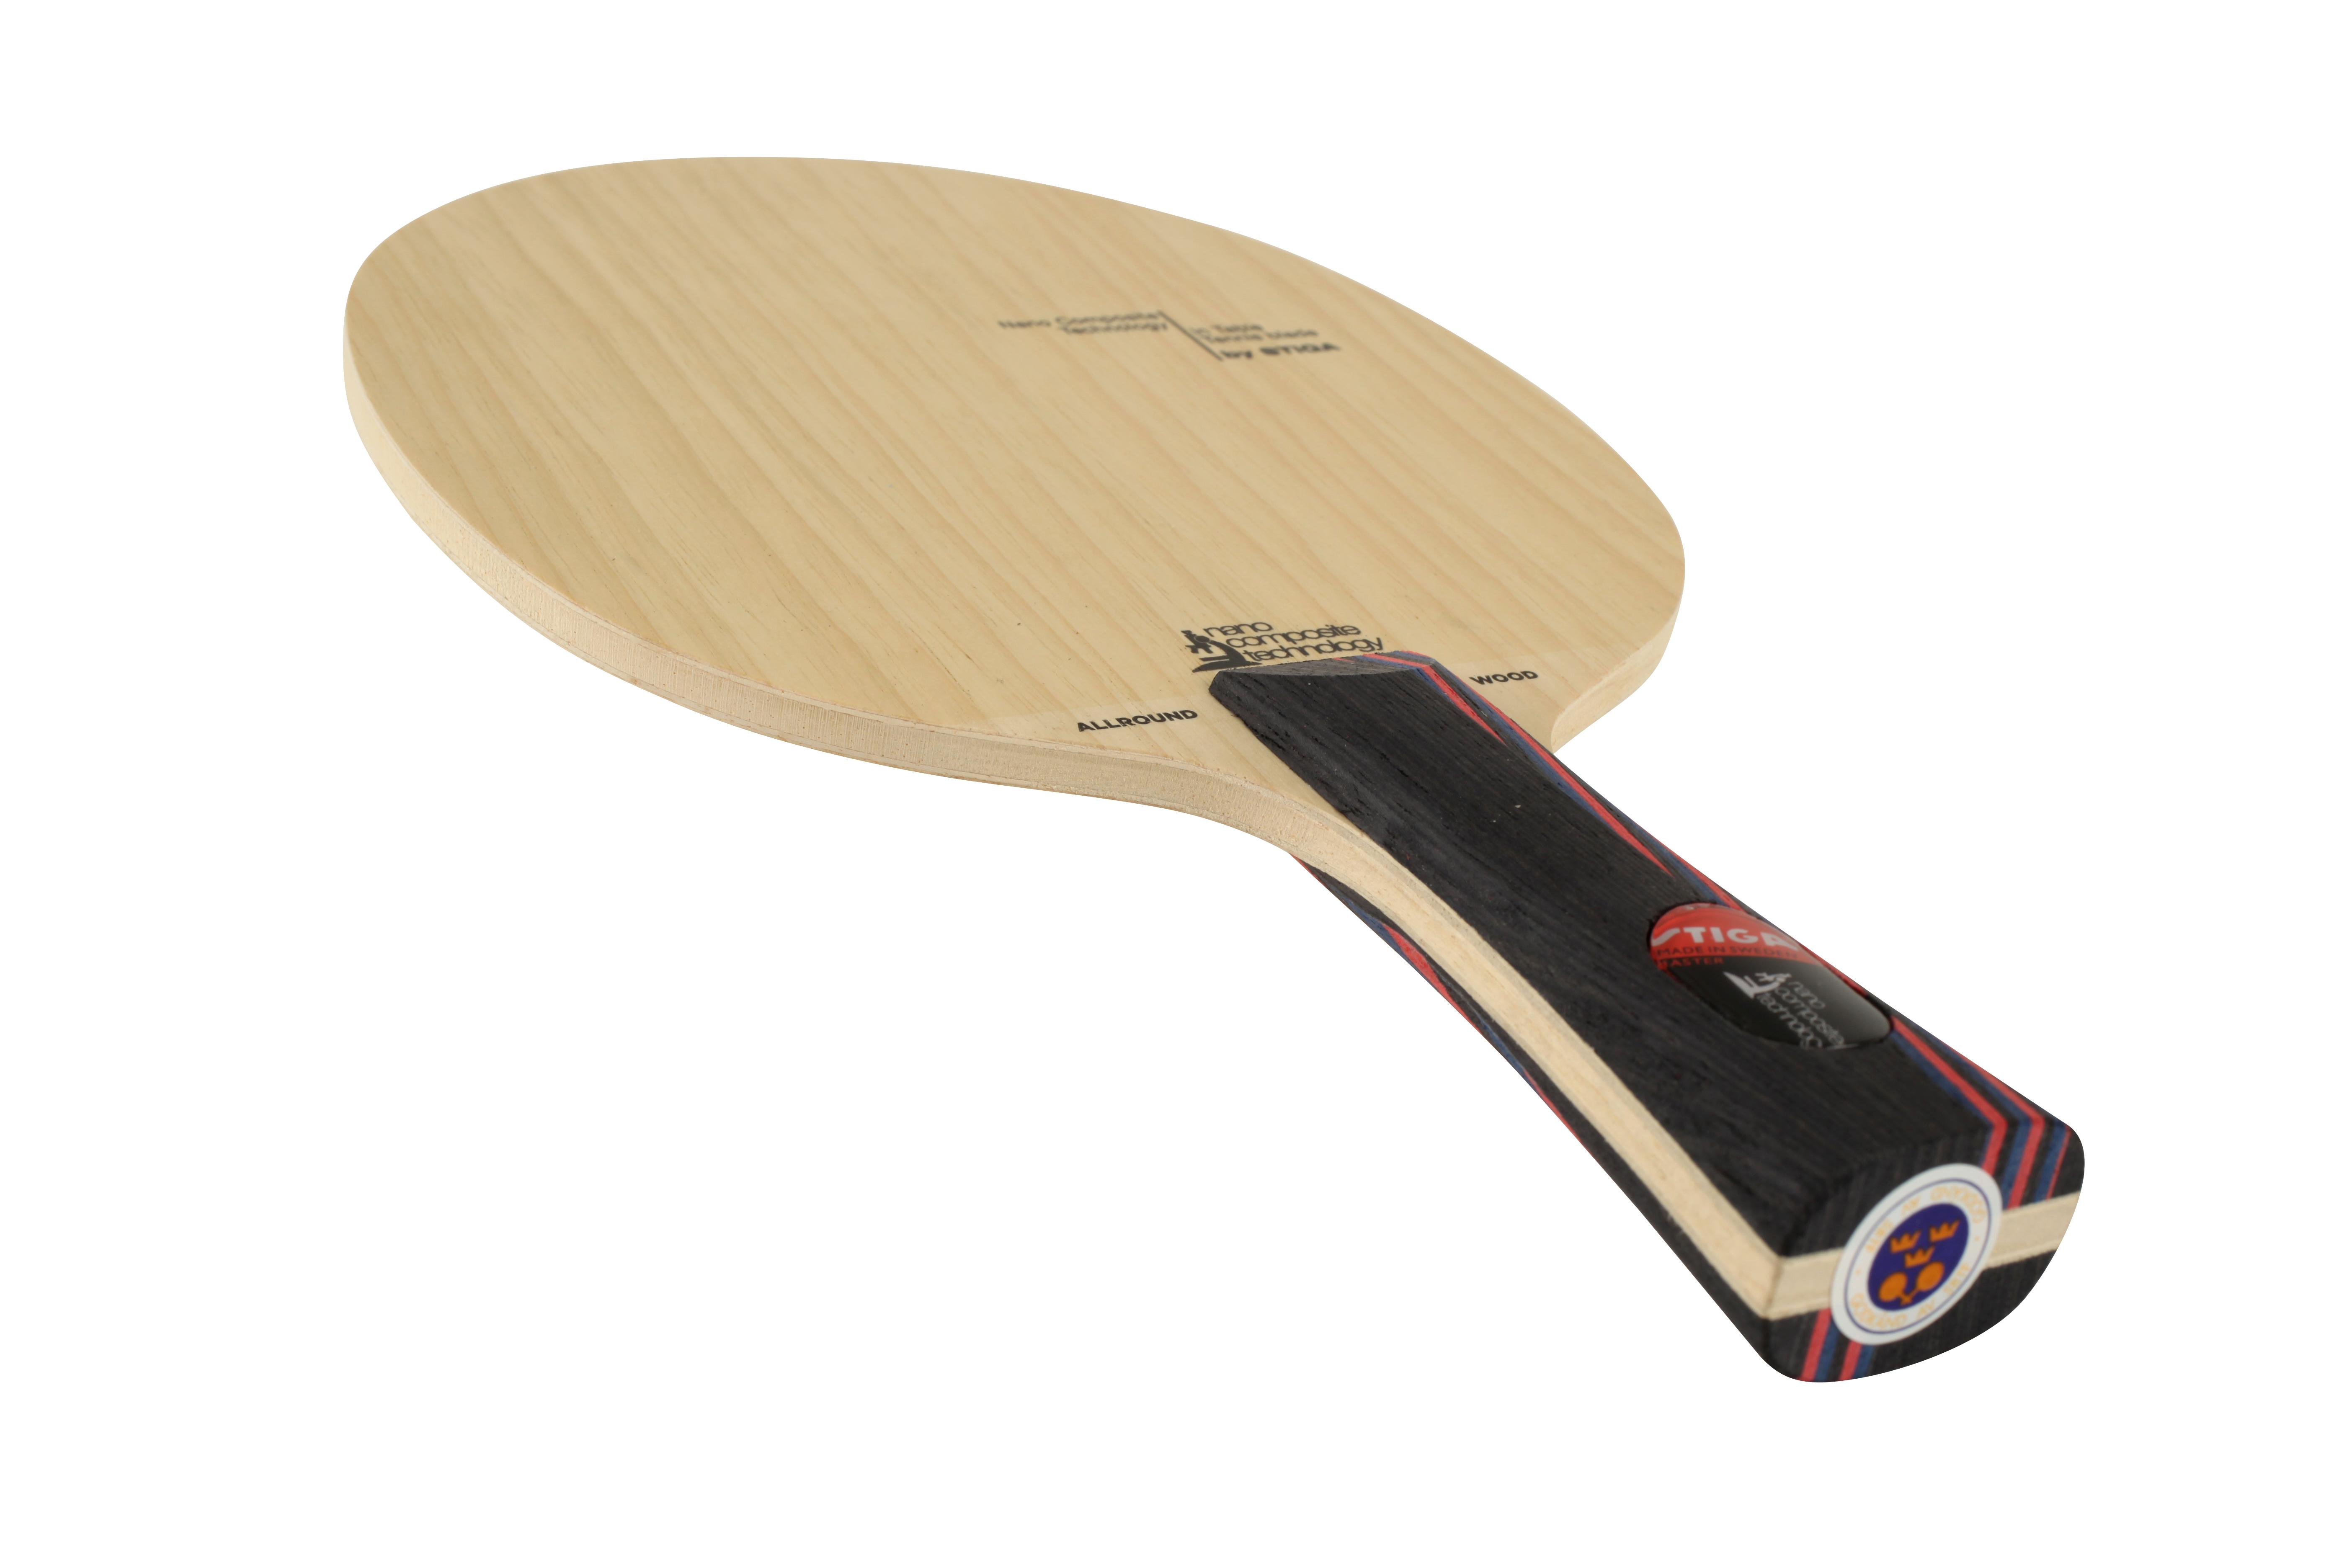 stiga-allround-wood-nct-tischtennis-holz